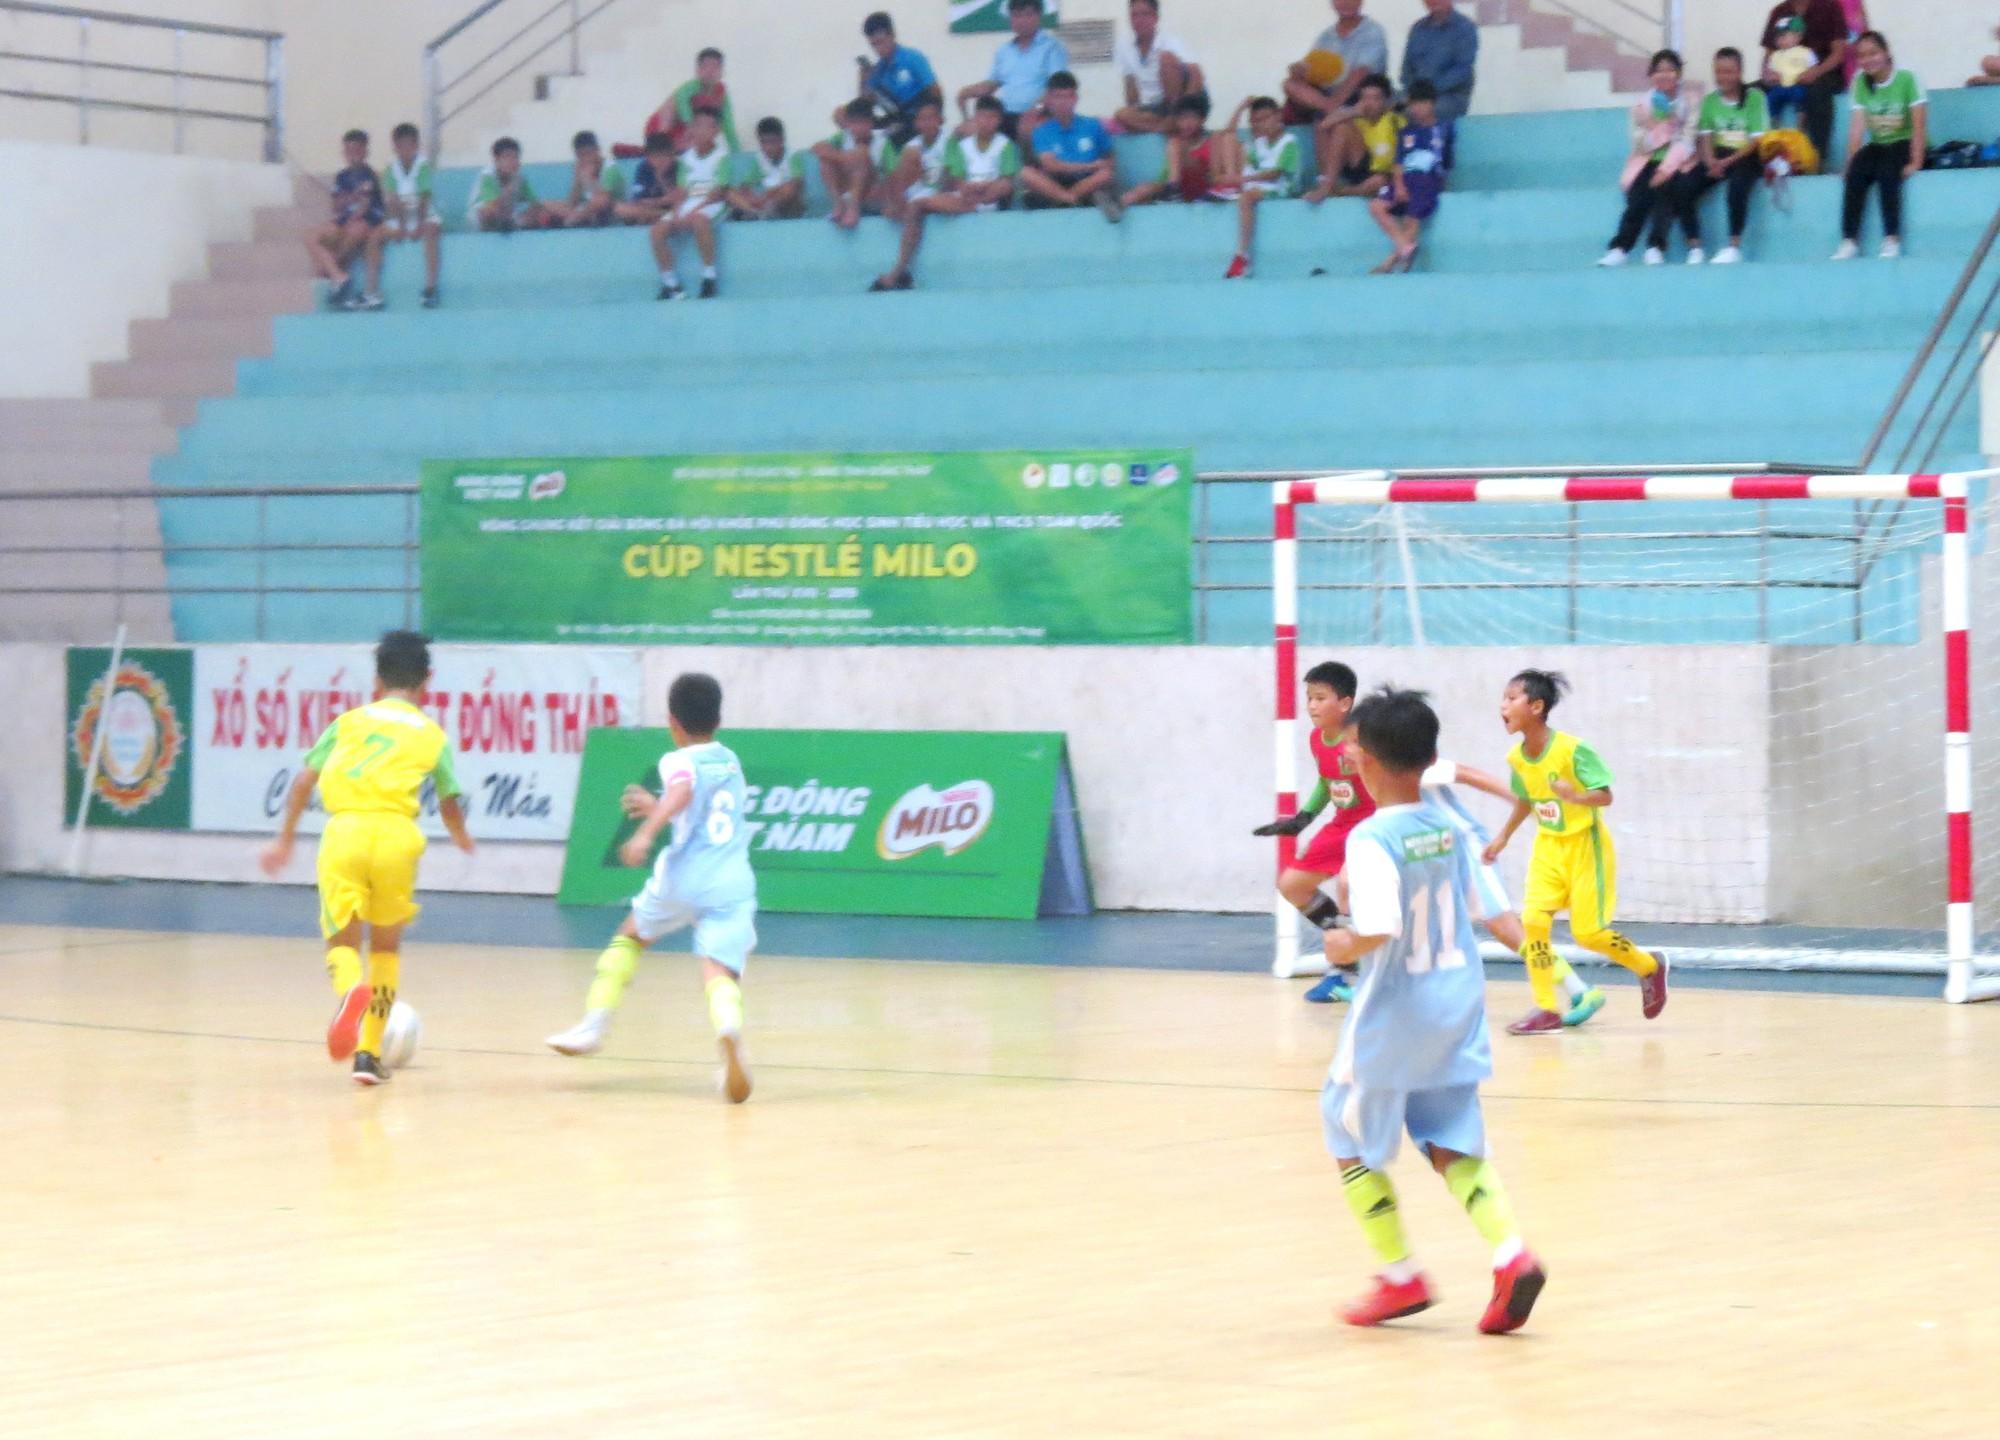 Khai mạc vòng chung kết Giải Bóng đá Hội khỏe Phù Đổng học sinh toàn quốc Cúp Nestlé Milo lần thứ 17 năm 2019 - Ảnh 4.